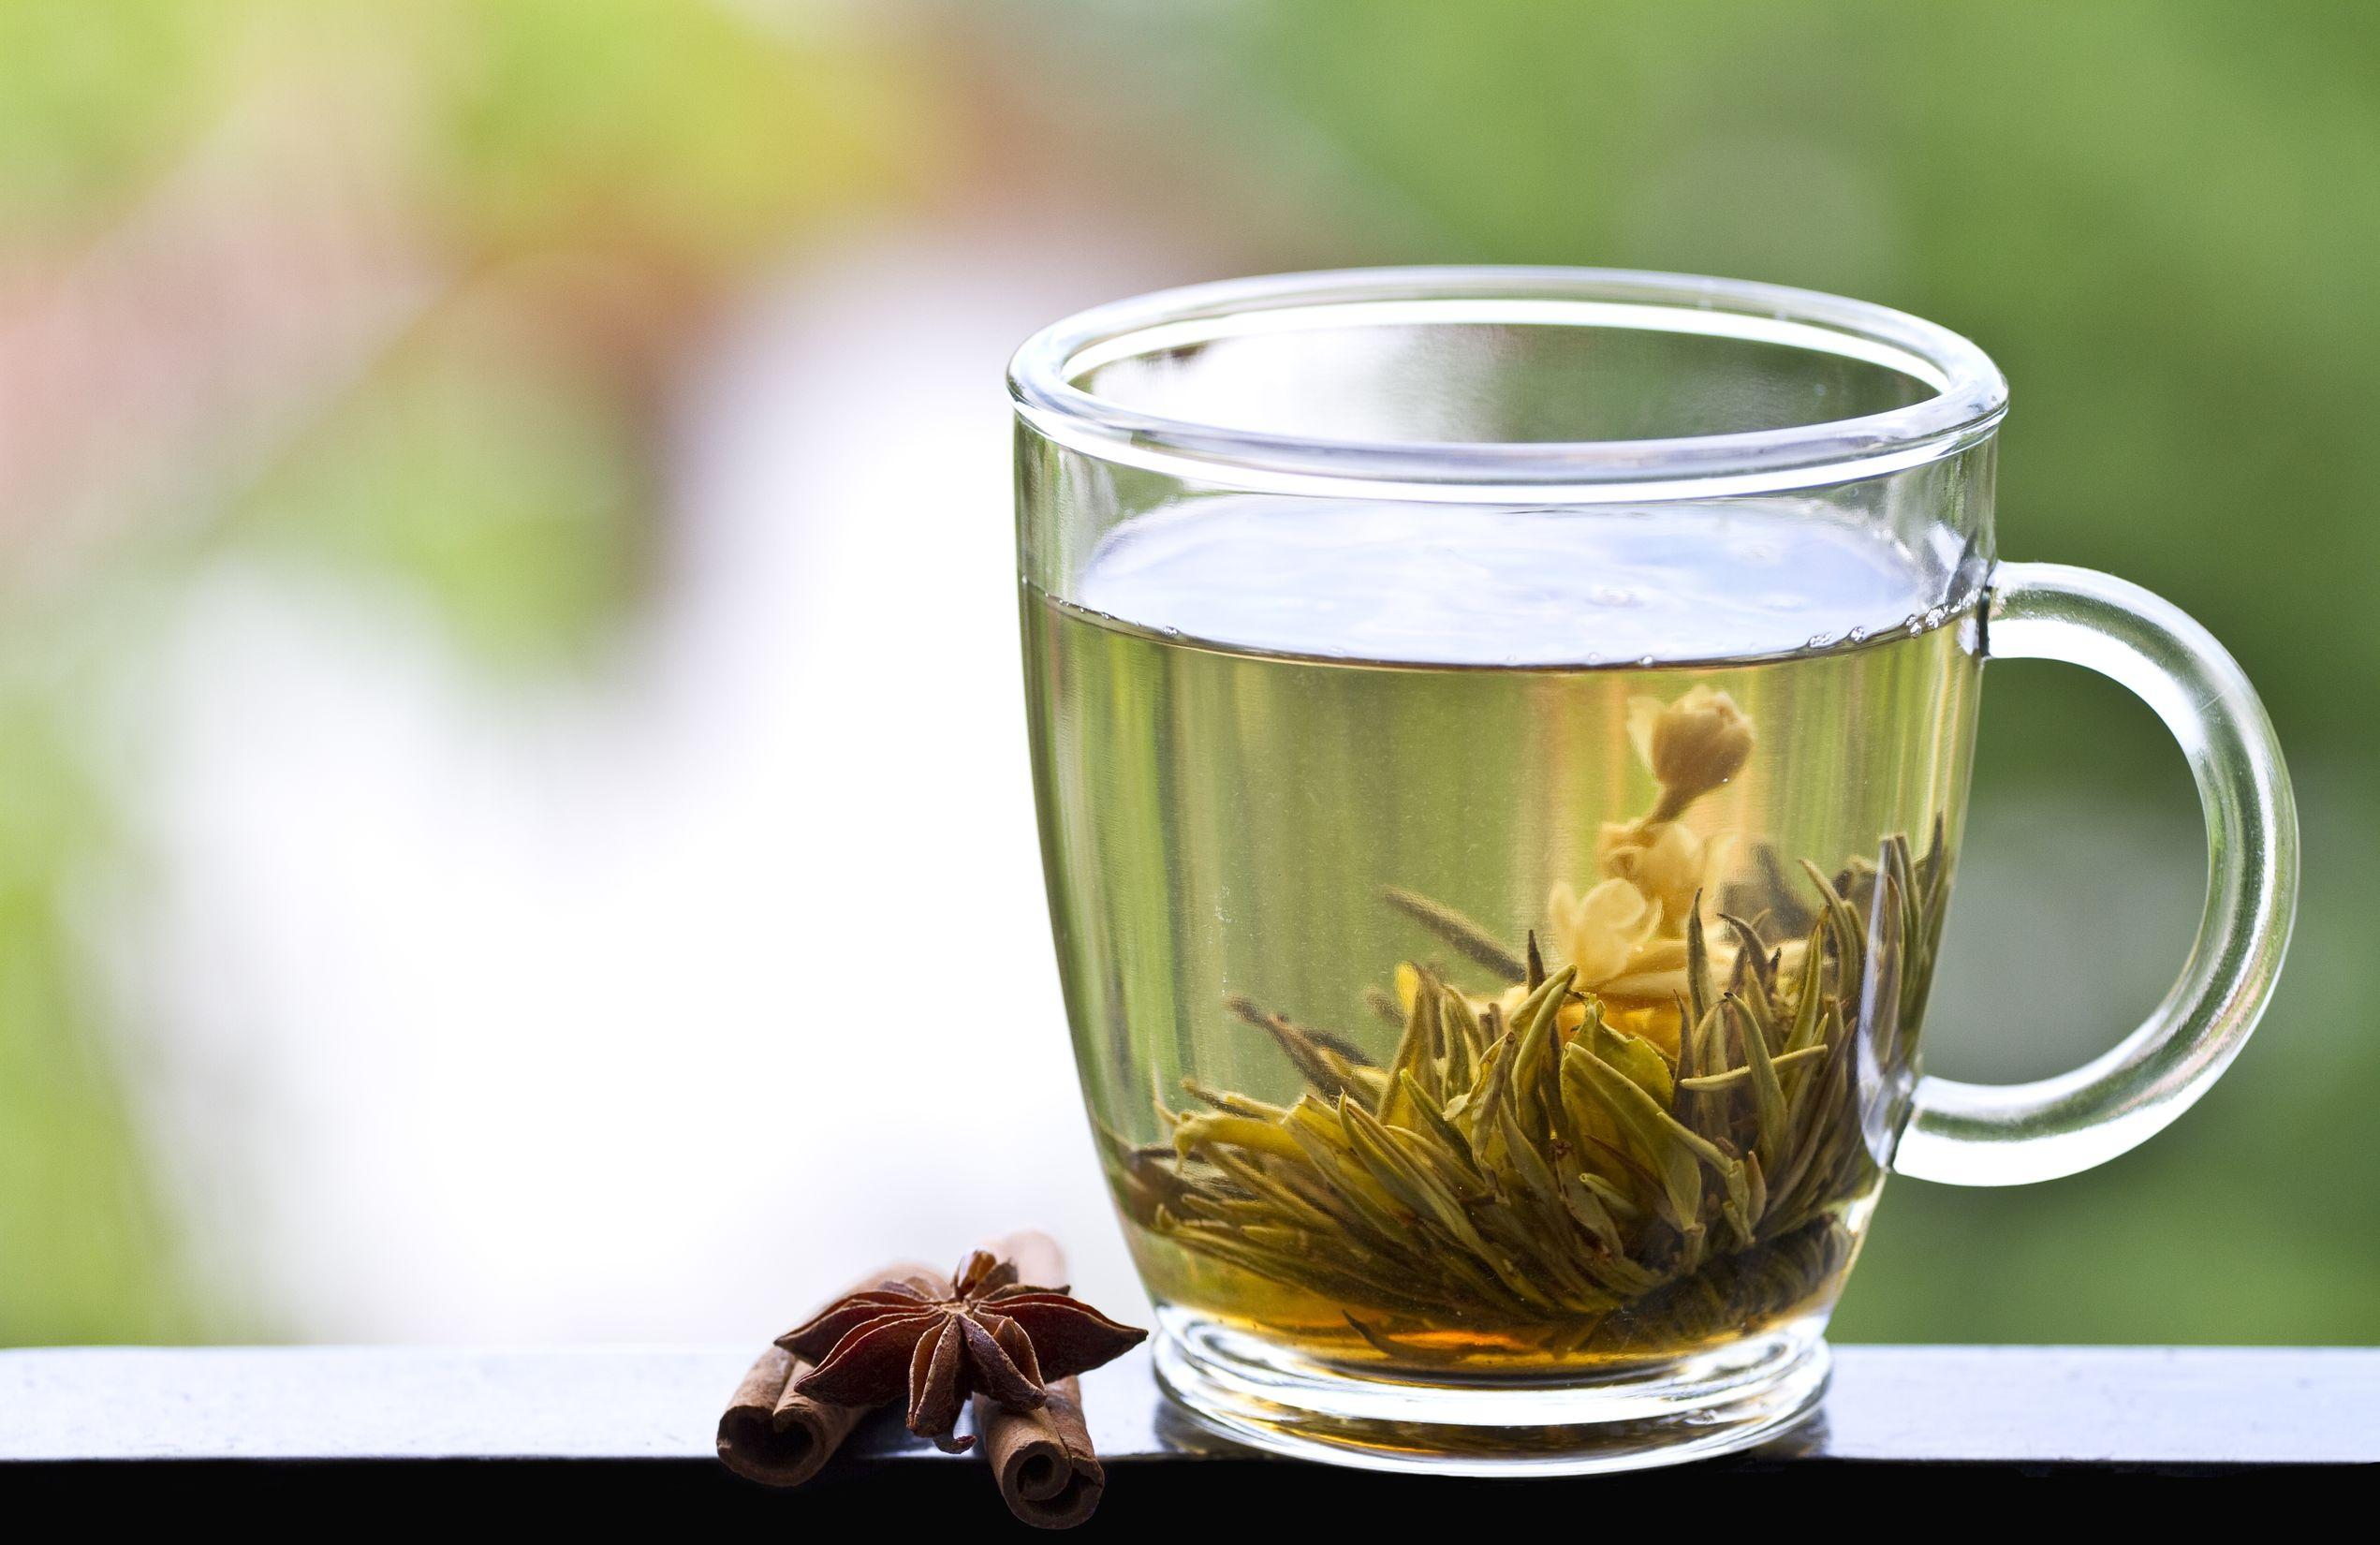 xícara transparente com chá verde.